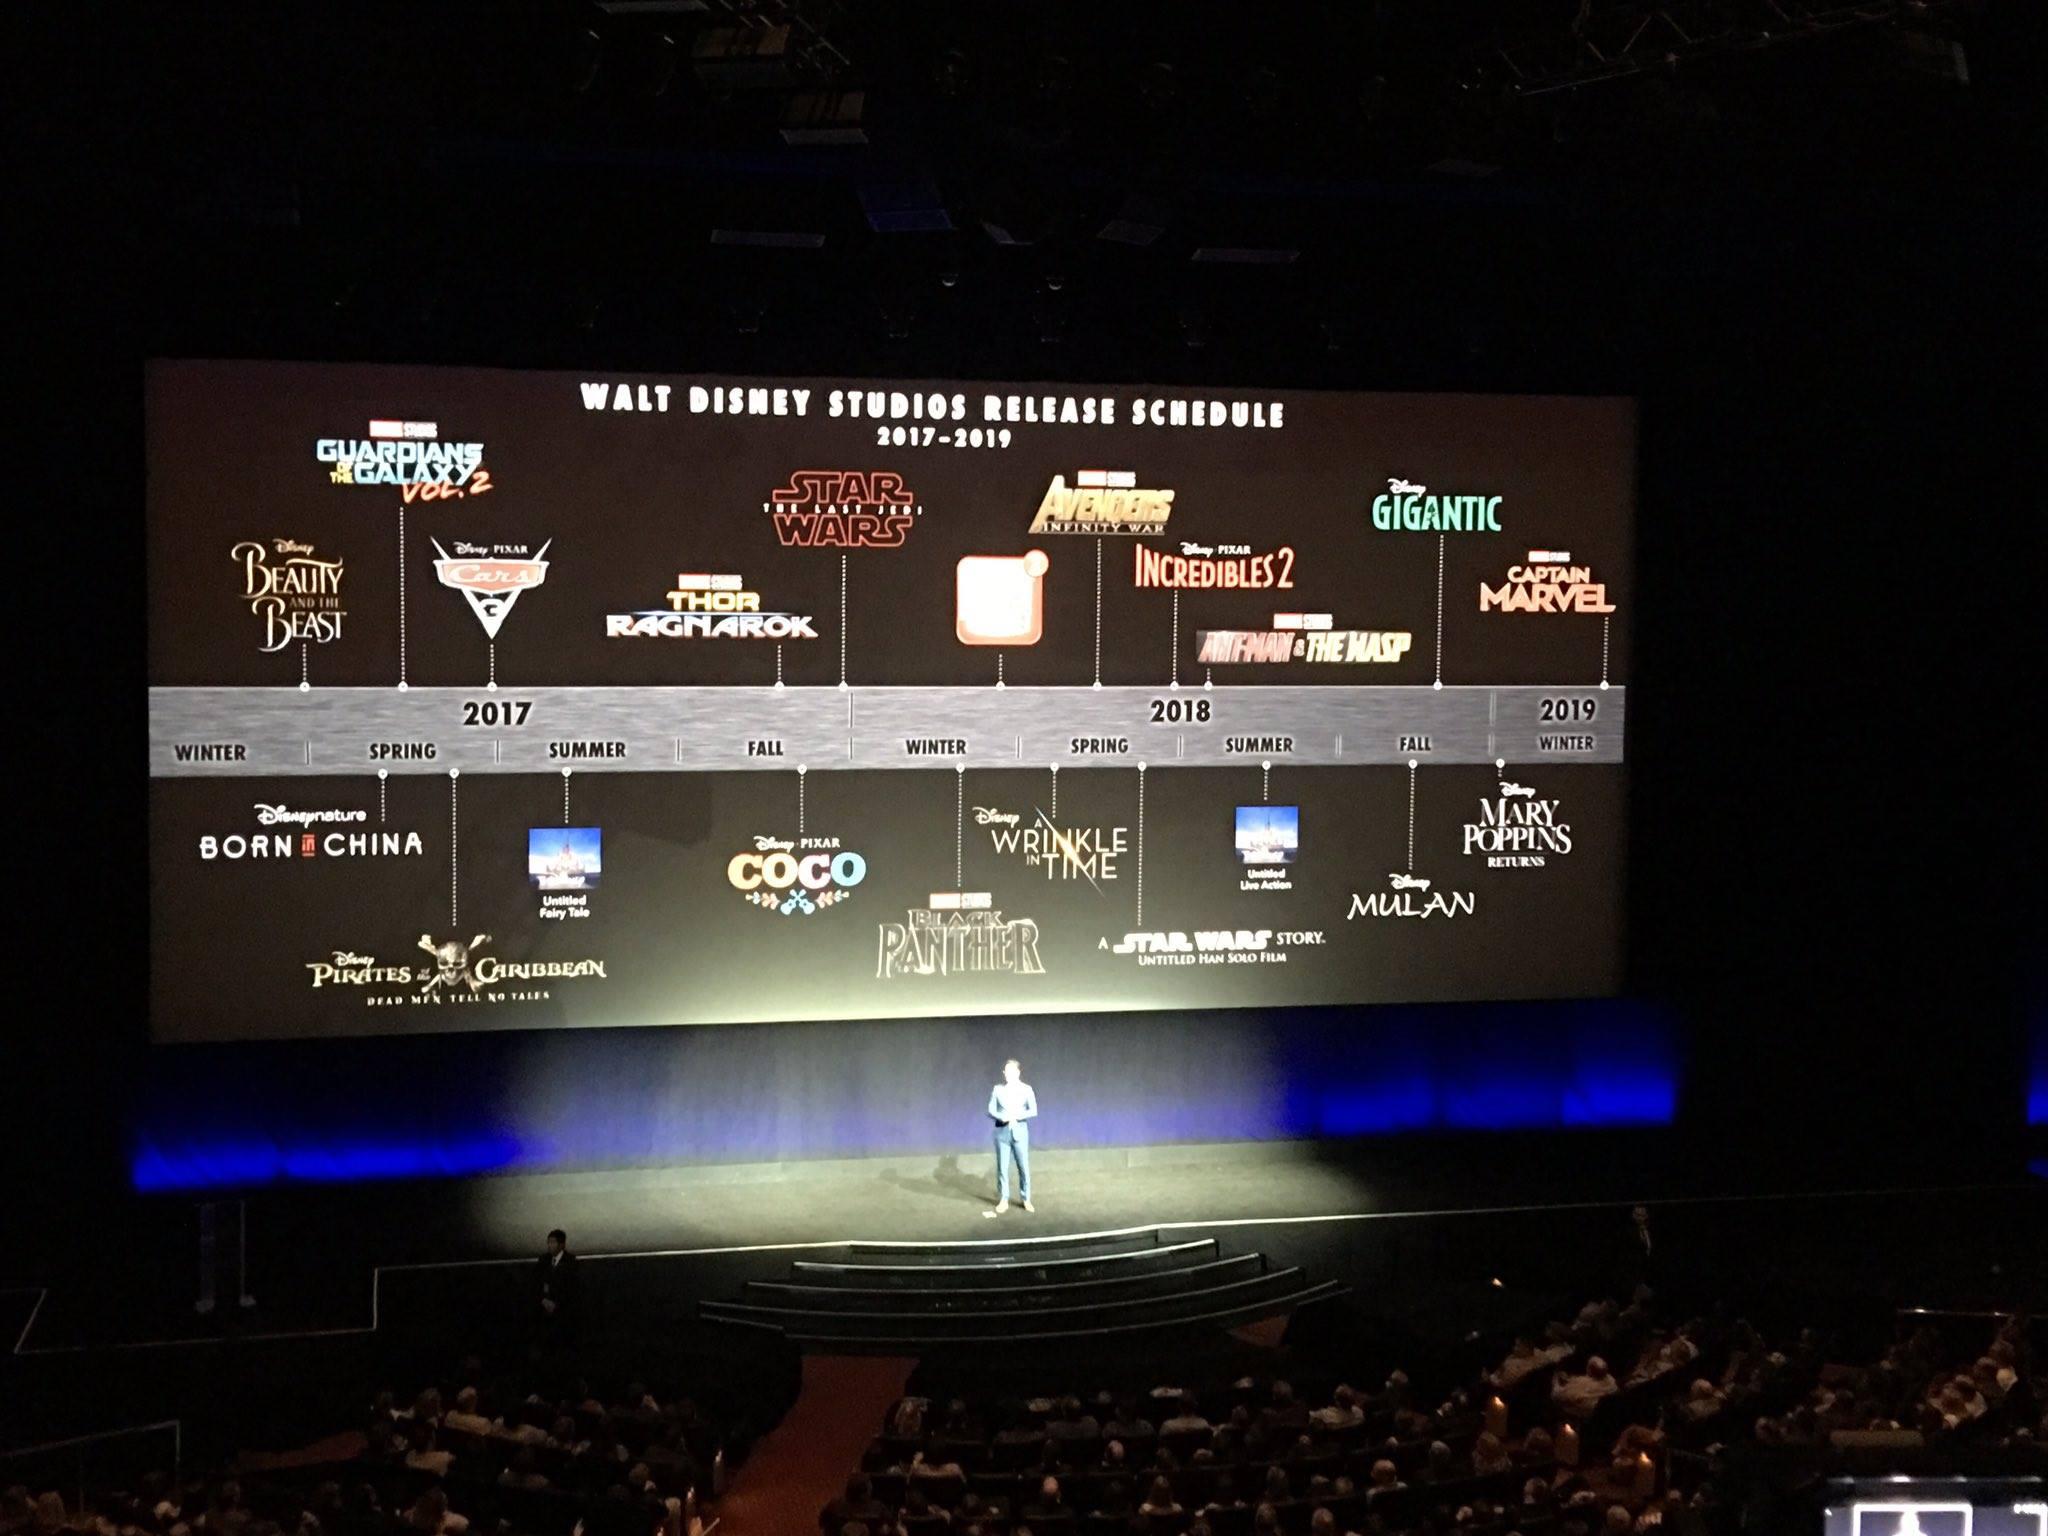 Planning Cinéma d'animation Disney dans les prochaines années ! - Page 12 290317_083315_4hgZfkAF_im0